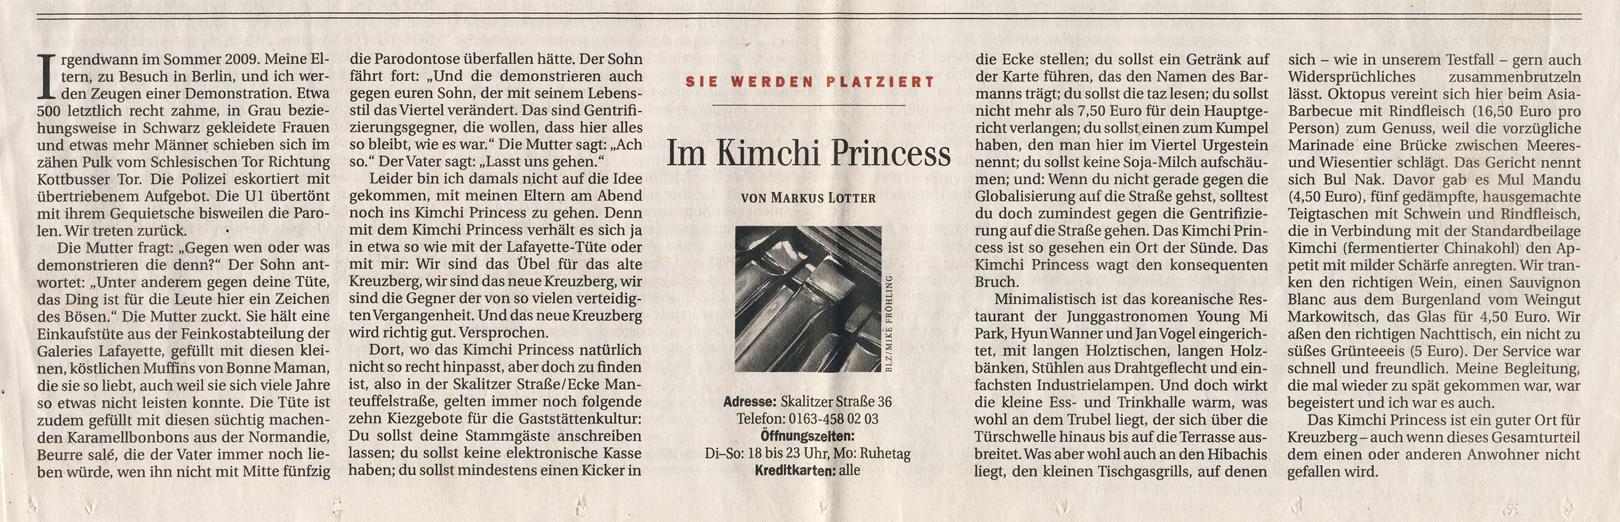 Berliner Zeitung 07-2010